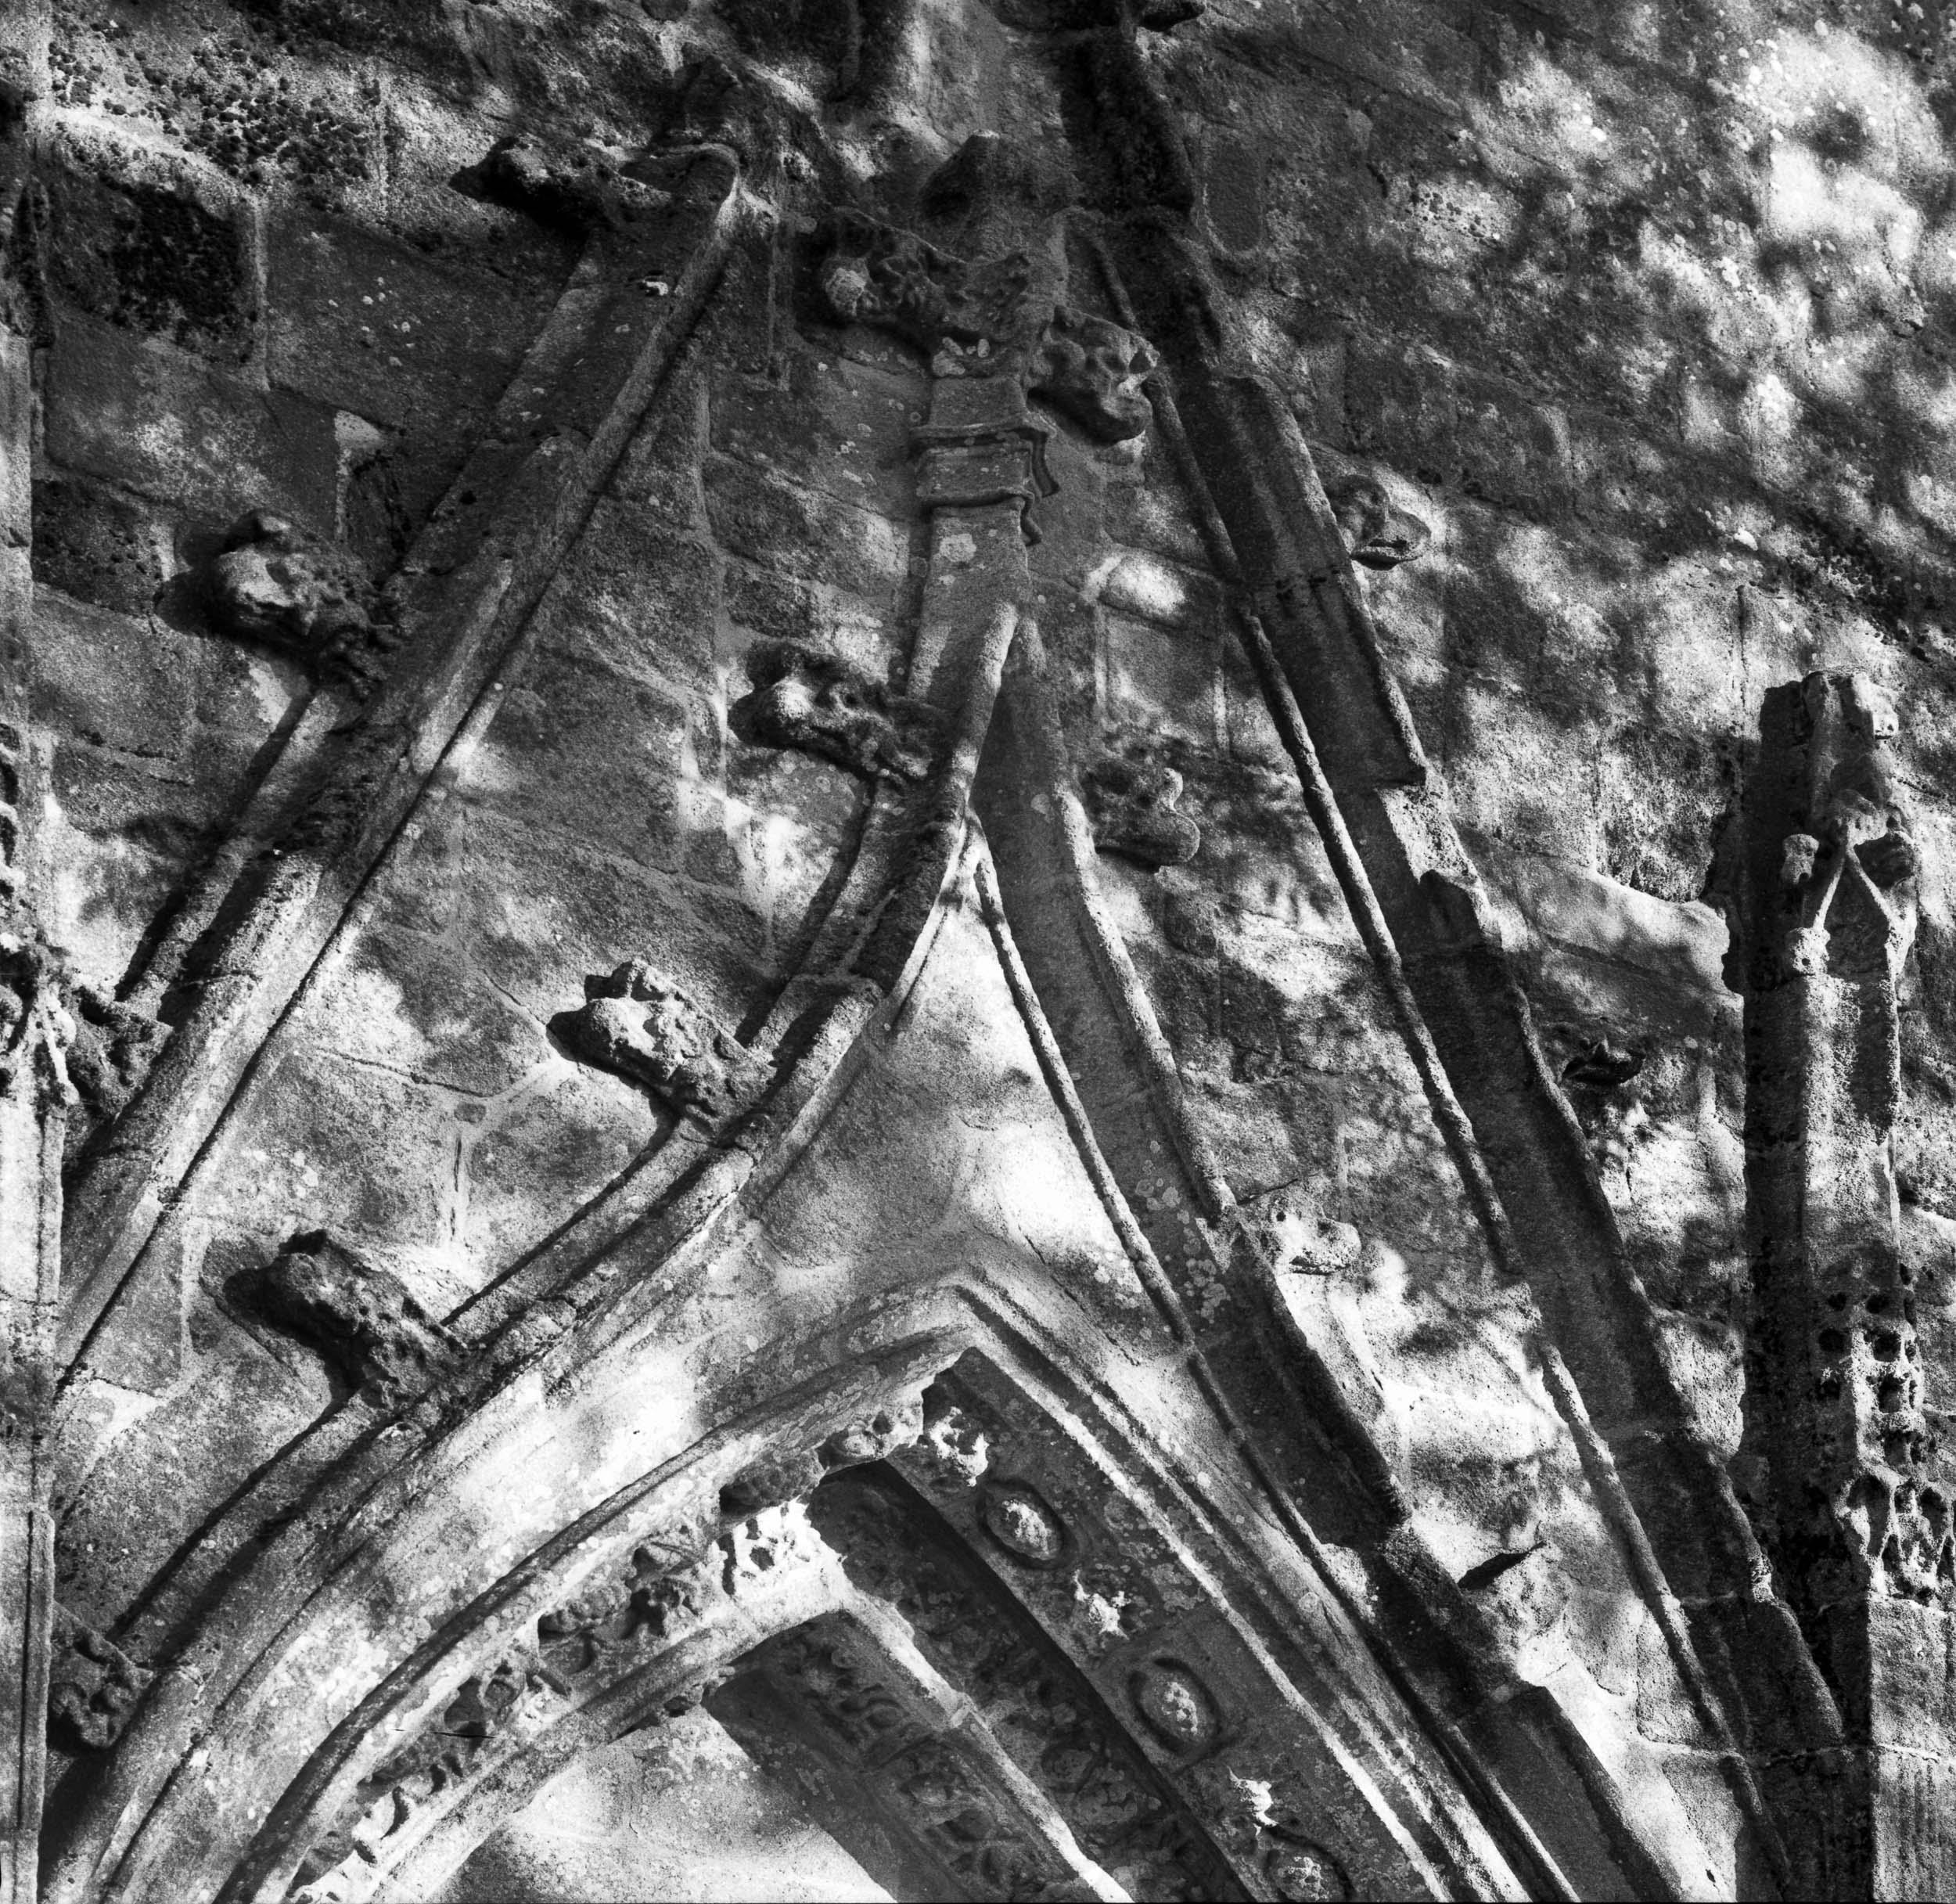 St. Germain Plogastel, bretonisch Sant Jermen